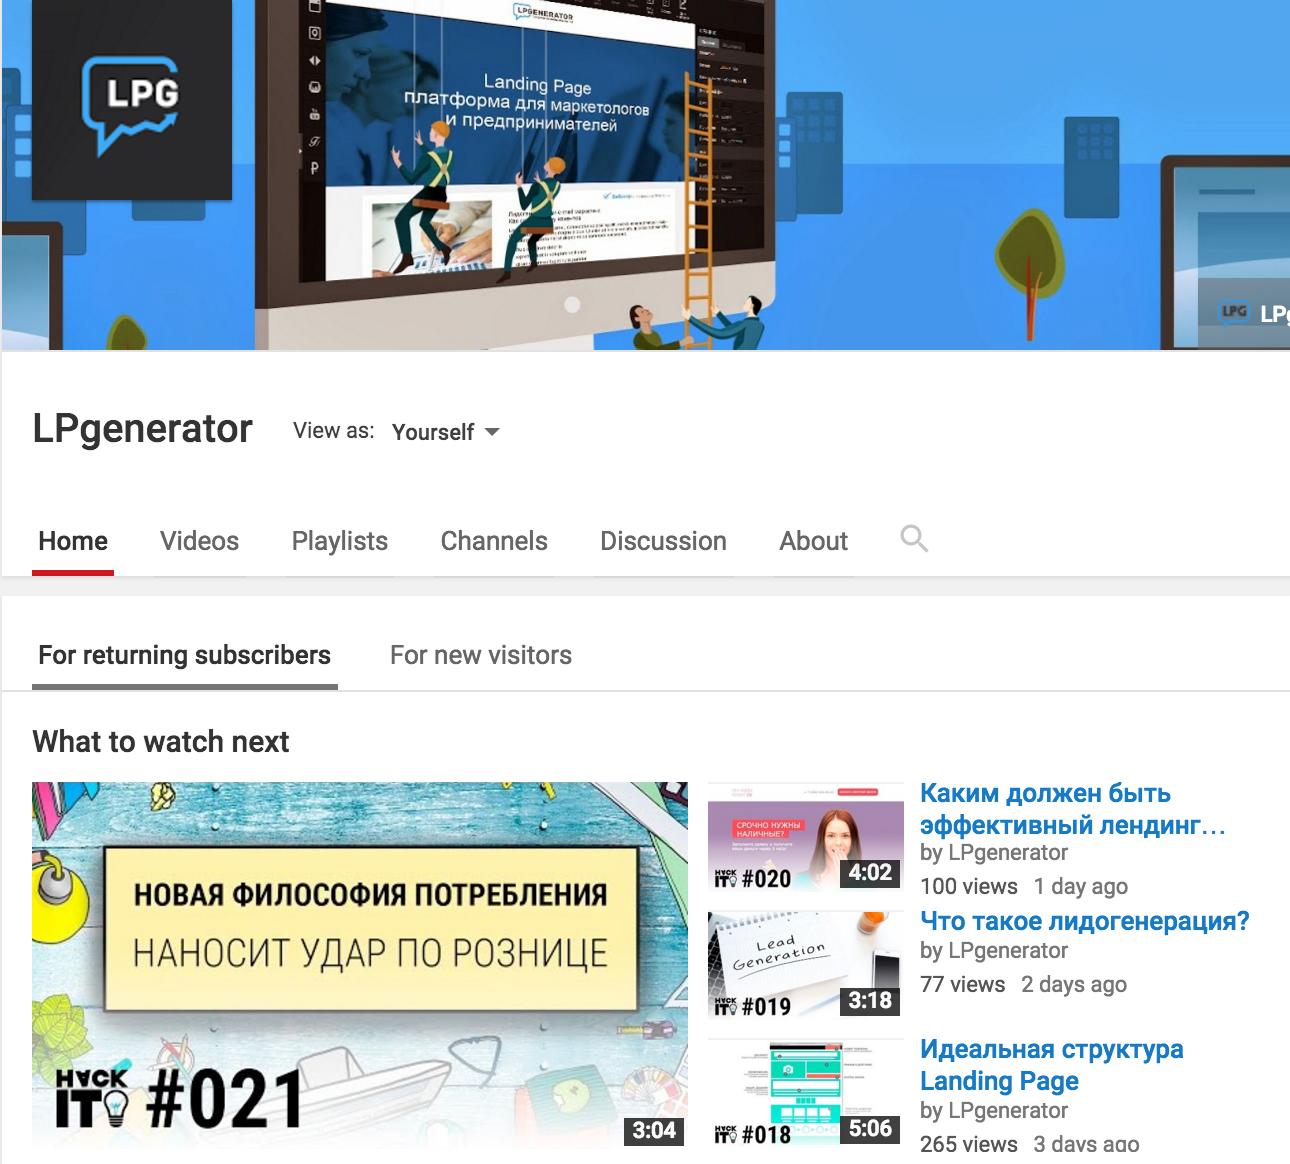 Иллюстрация к статье: Добро пожаловать в видеоблог LPgenerator!